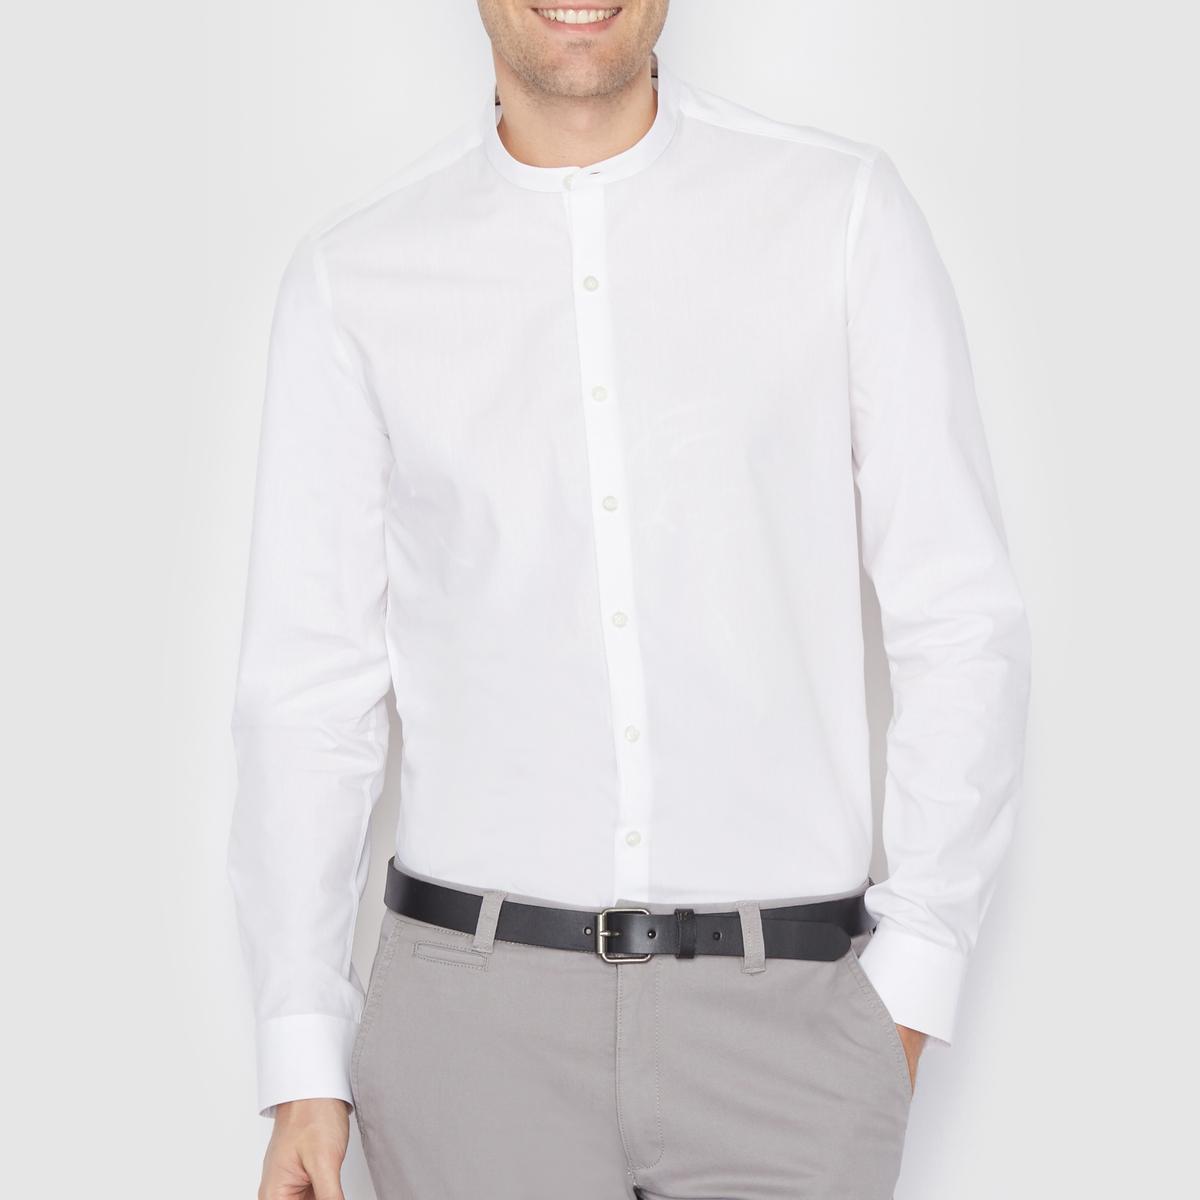 Рубашка зауженного покроя 100% хлопокРубашка в повседневном стиле, узкий покрой, воротник-стойка. Длина 77 см. Низ рукавов с застежкой на пуговицы. Рубашка, 100% хлопок.<br><br>Цвет: белый,небесно-голубой<br>Размер: 47/48.47/48.45/46